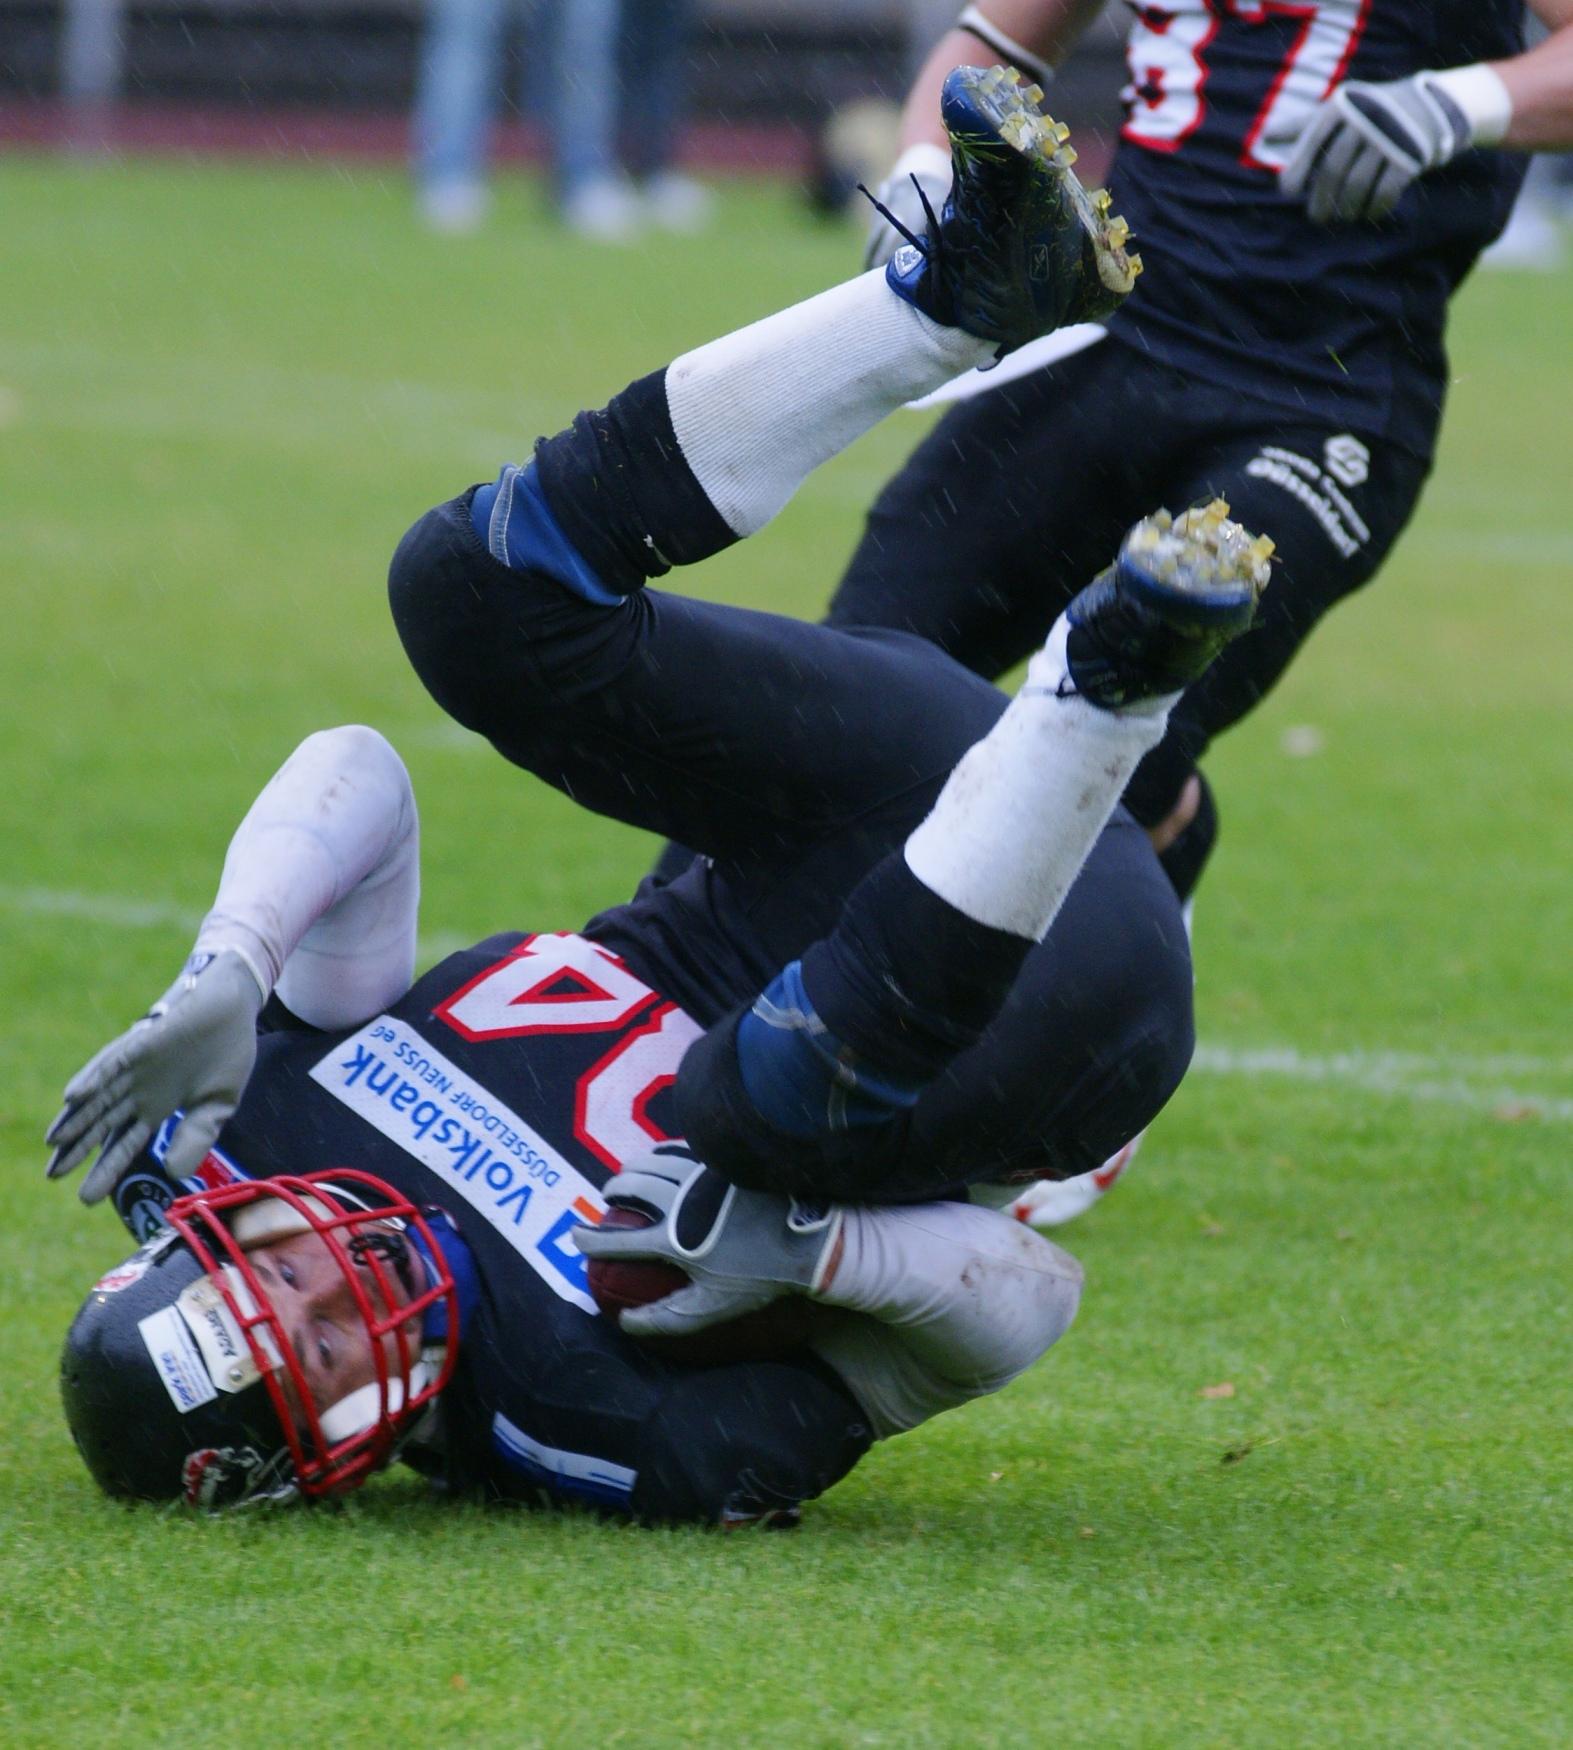 GFL 2 American Football aktuell - Fotoshow Düsseldorf ...